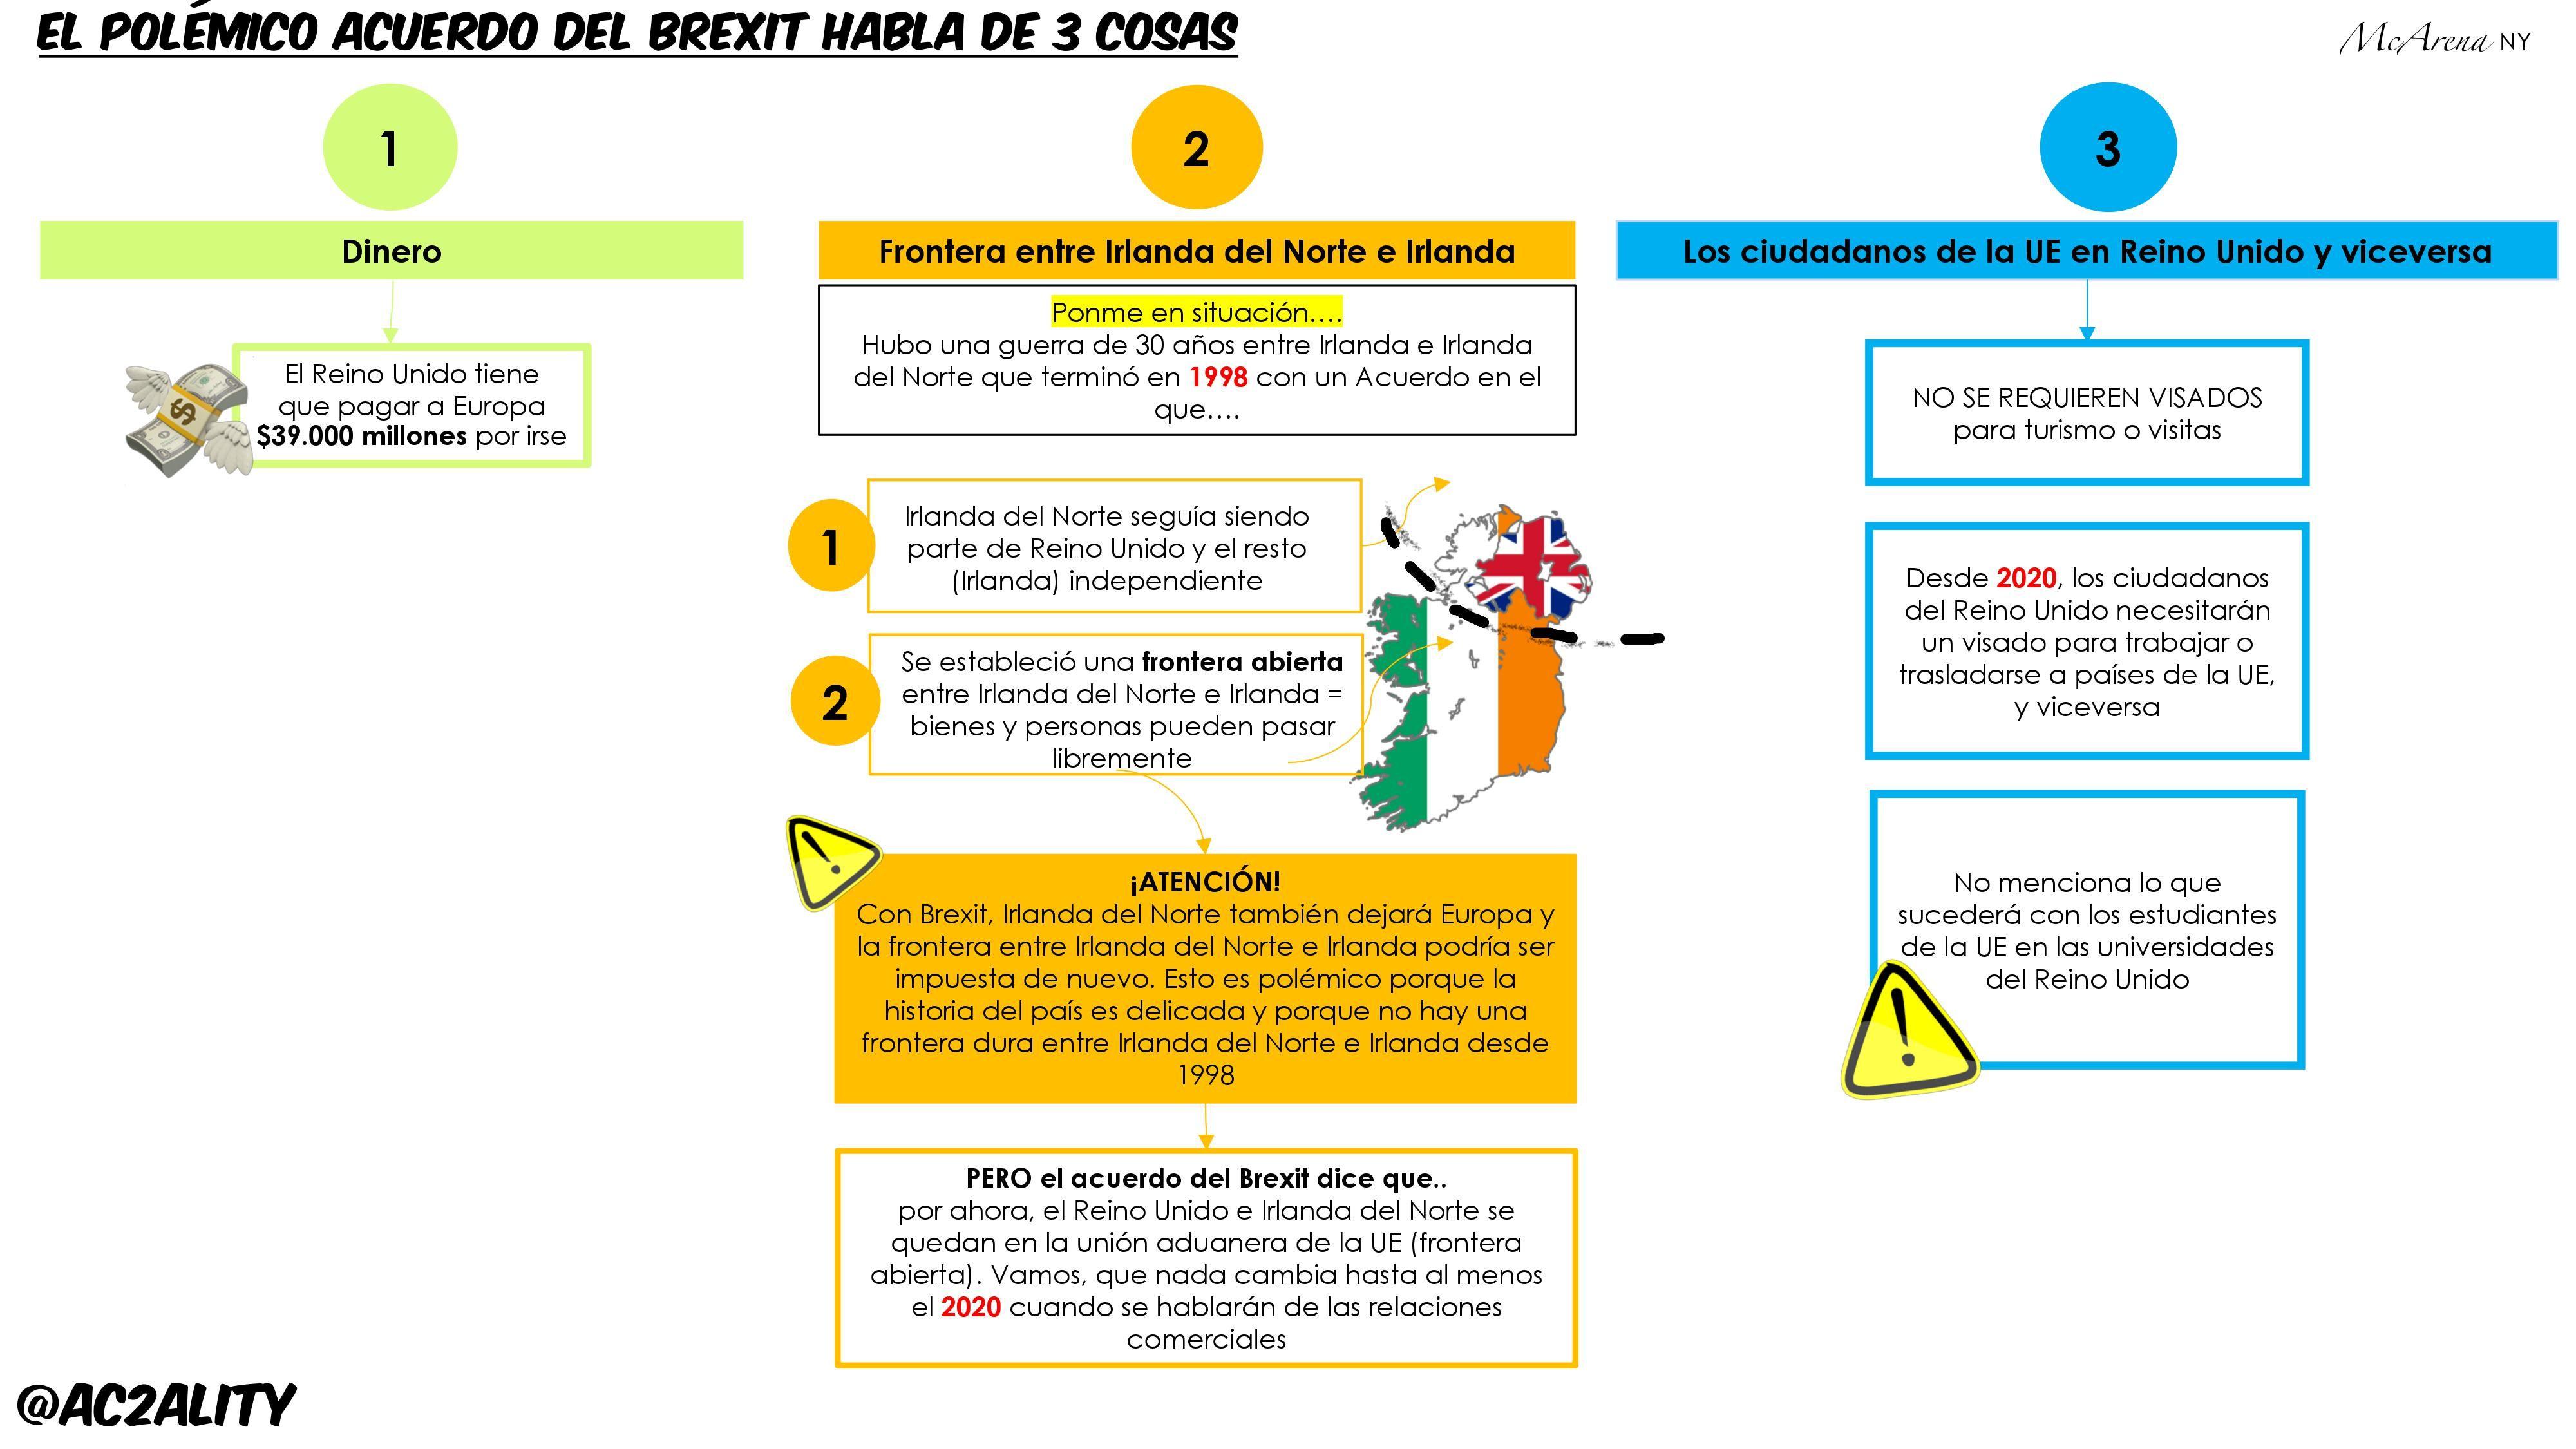 Infografía: Estos son los tres puntos claves del Brexit